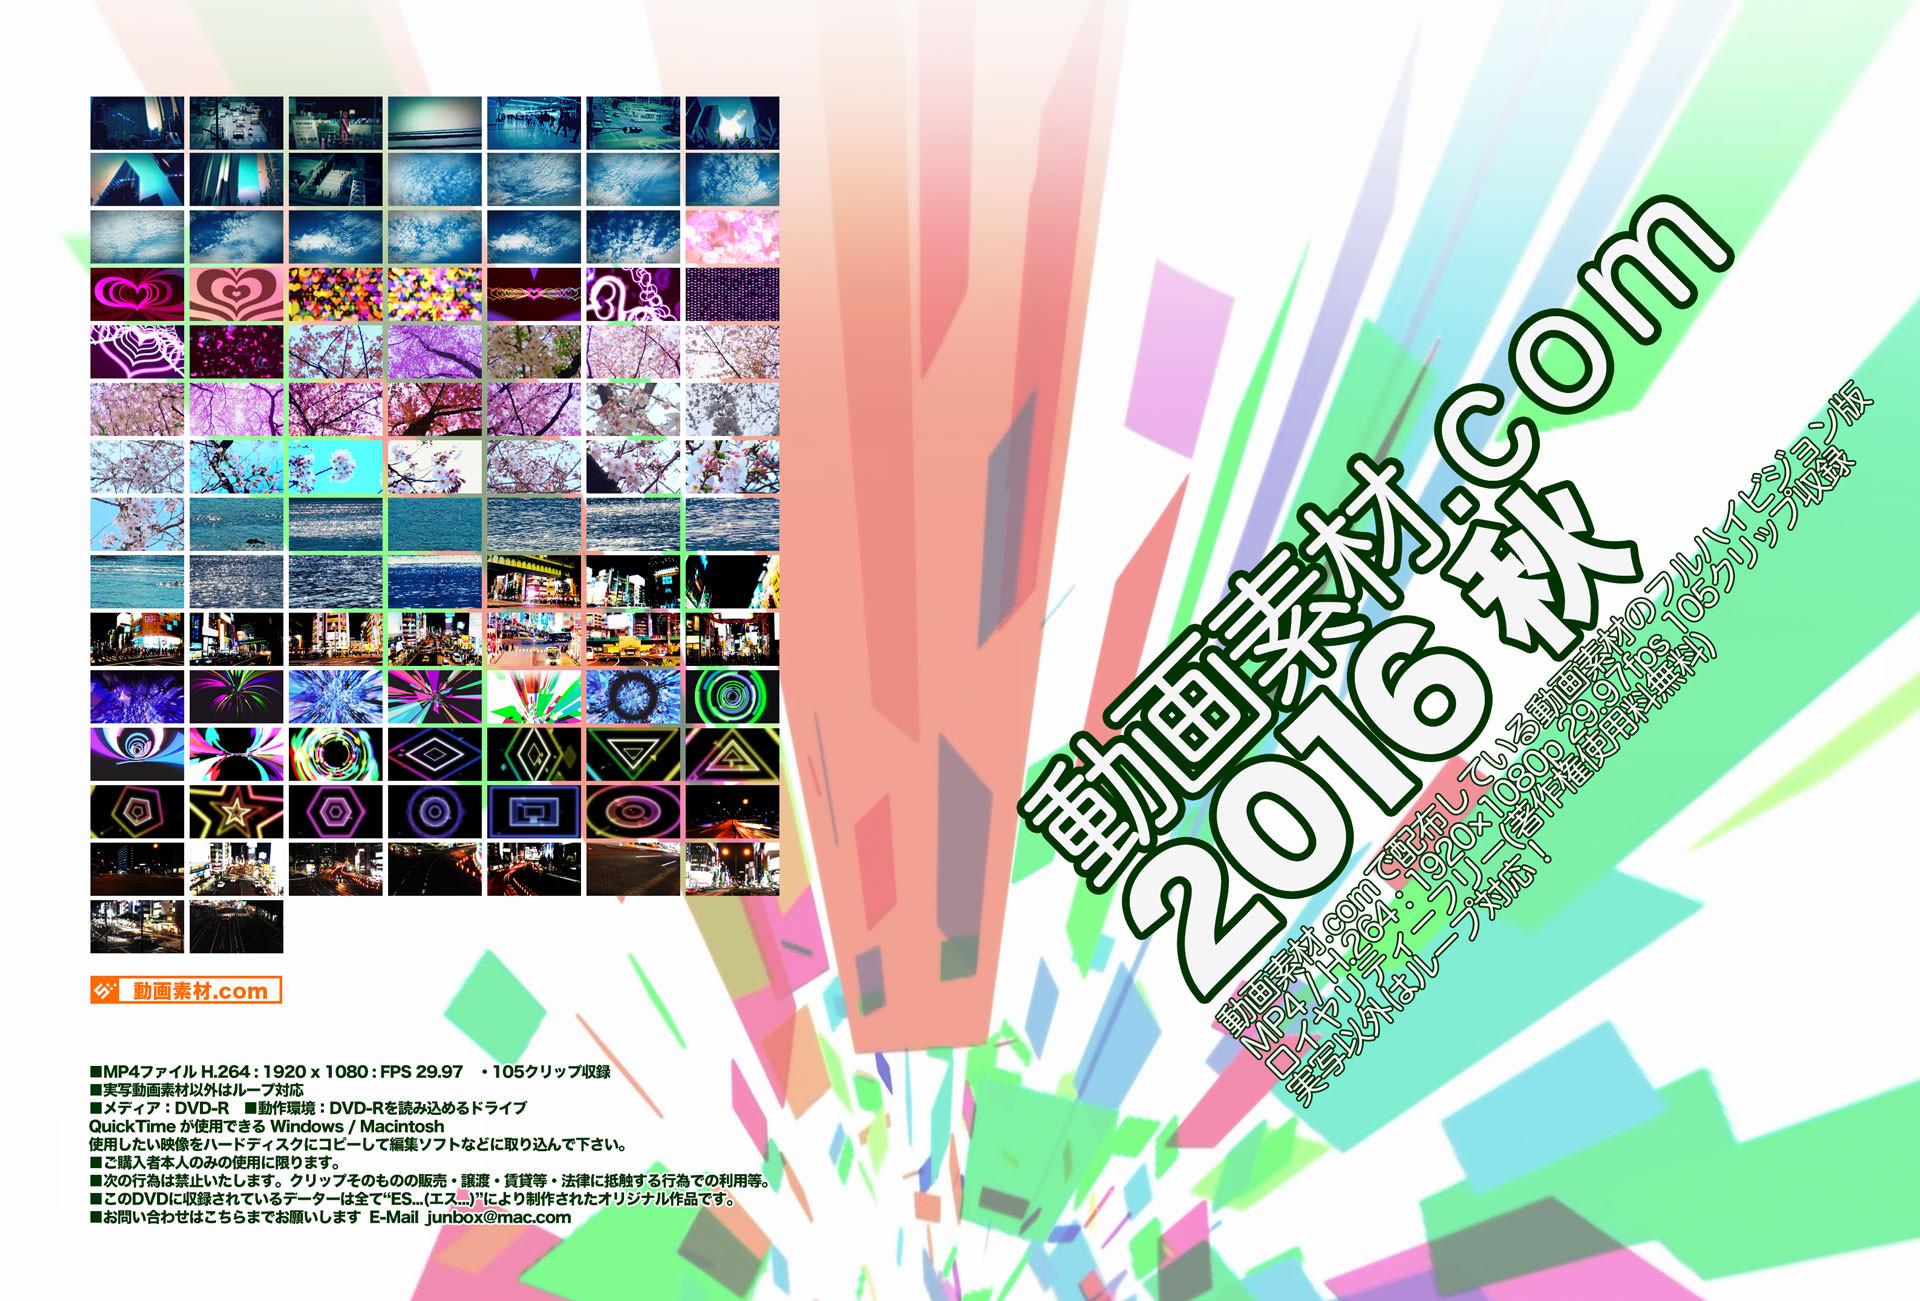 動画素材.com M3 2016秋 フルハイビジョン105クリップ収録